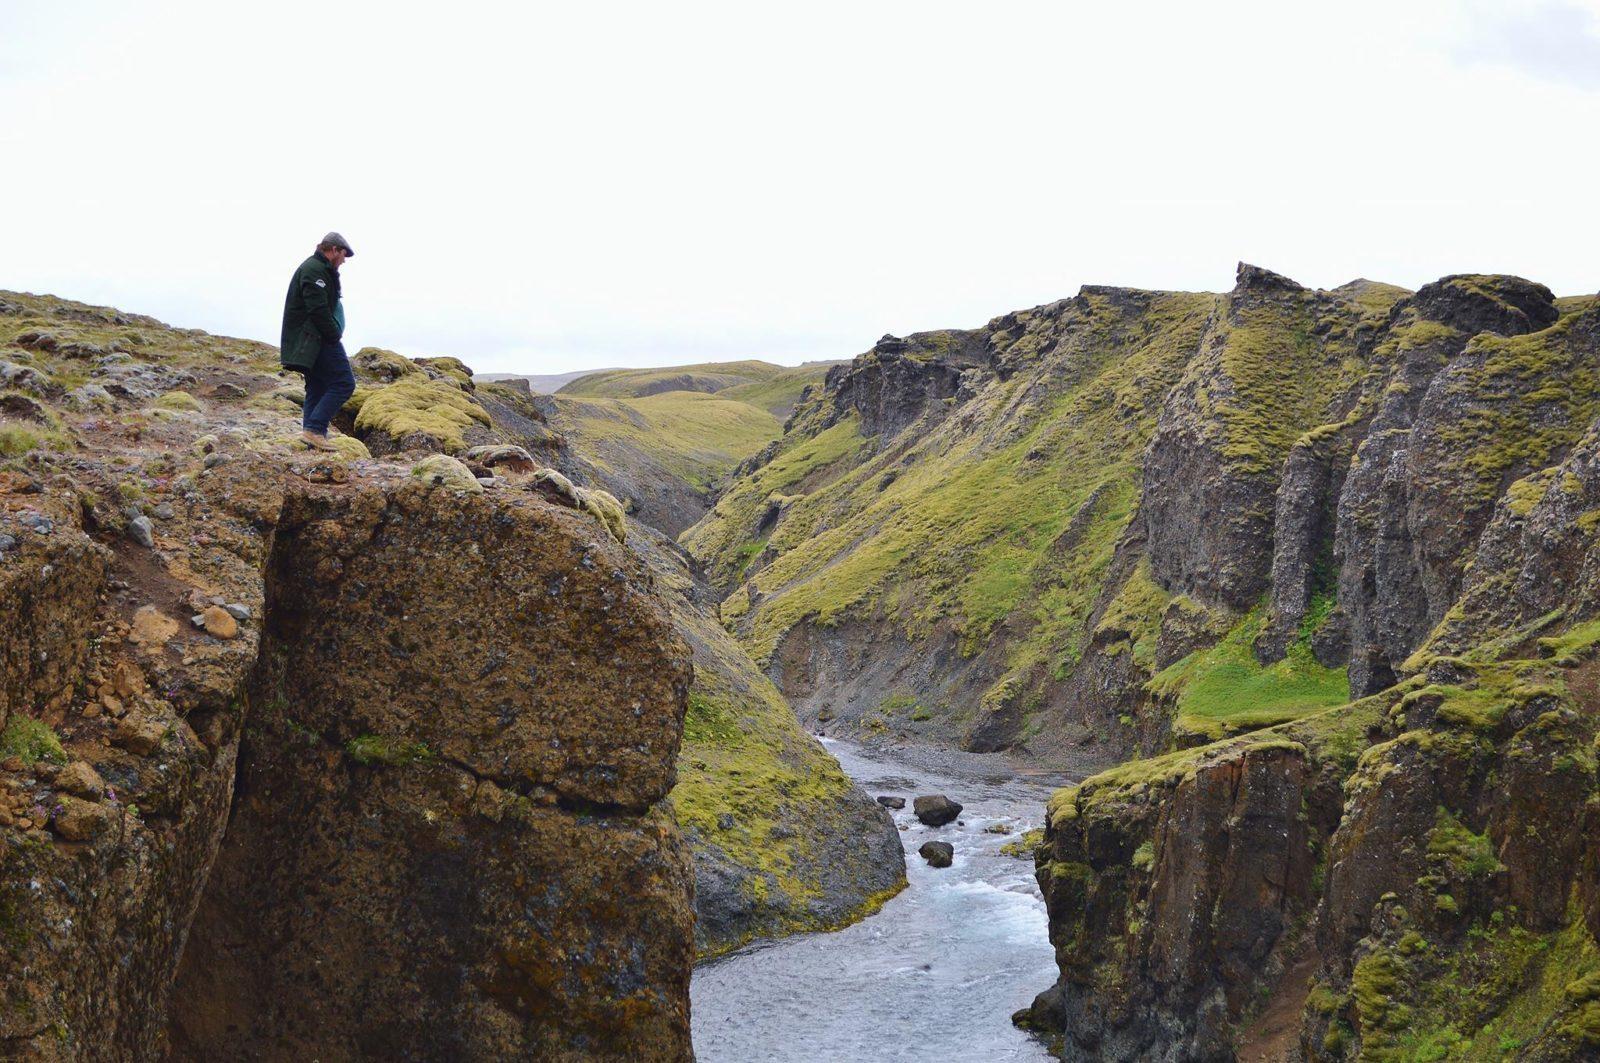 Stóru Laxárgljúfur canyon - it is endangered.